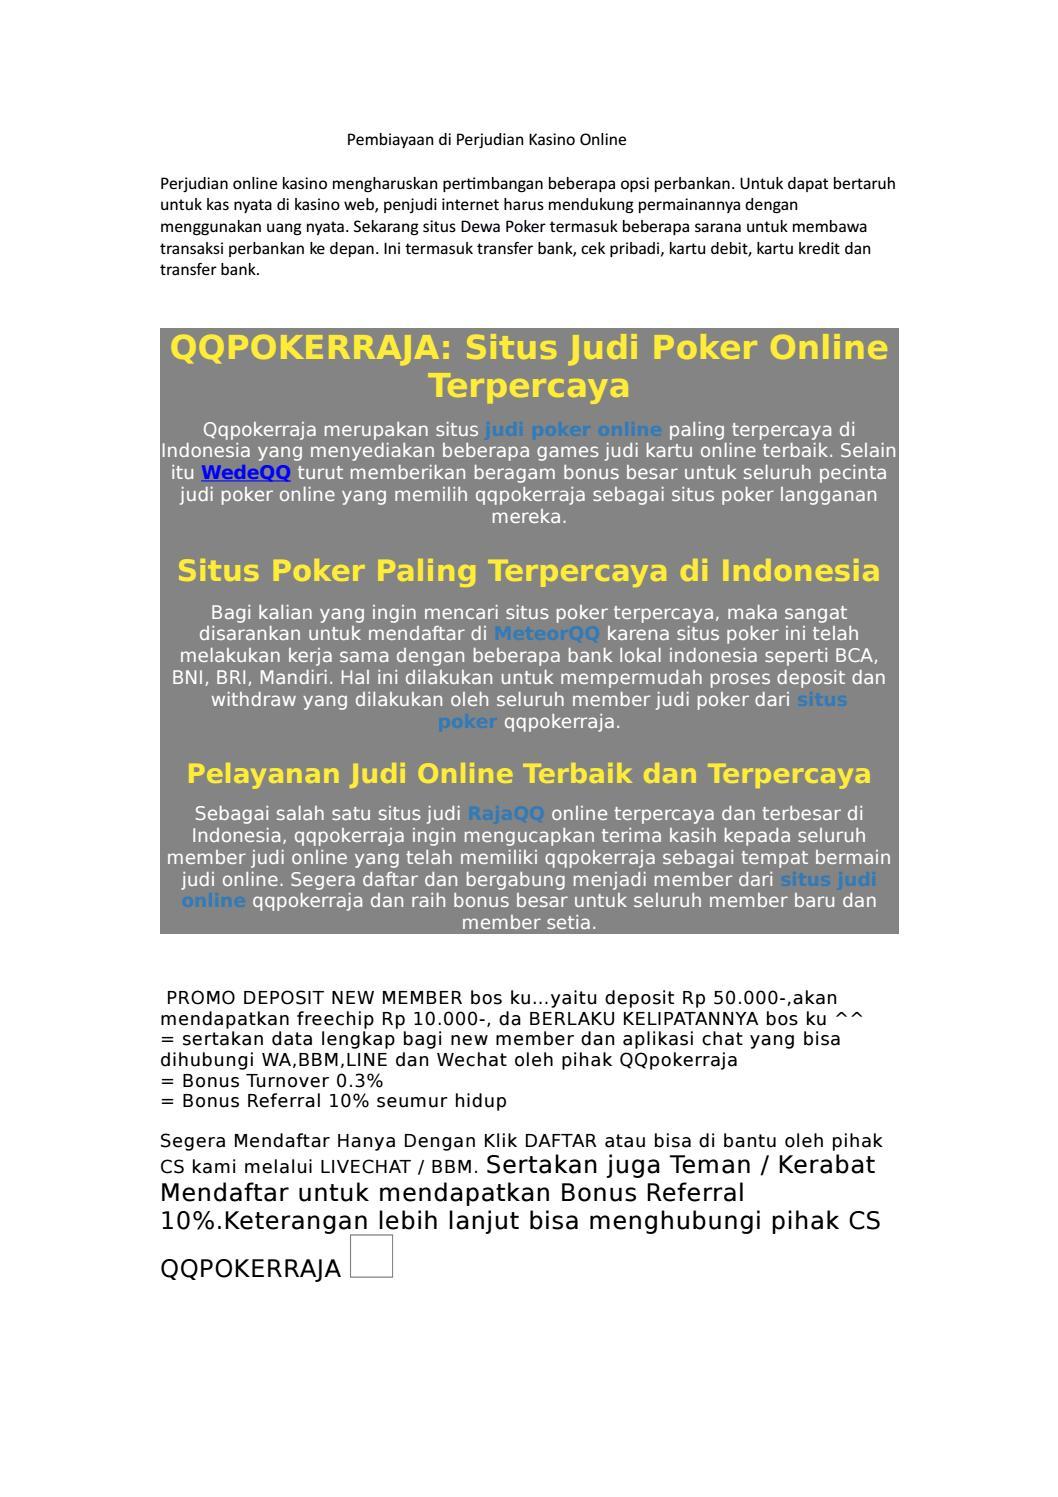 Promo Situs Judi Online Poker Terpercaya By Seliana Lee Issuu